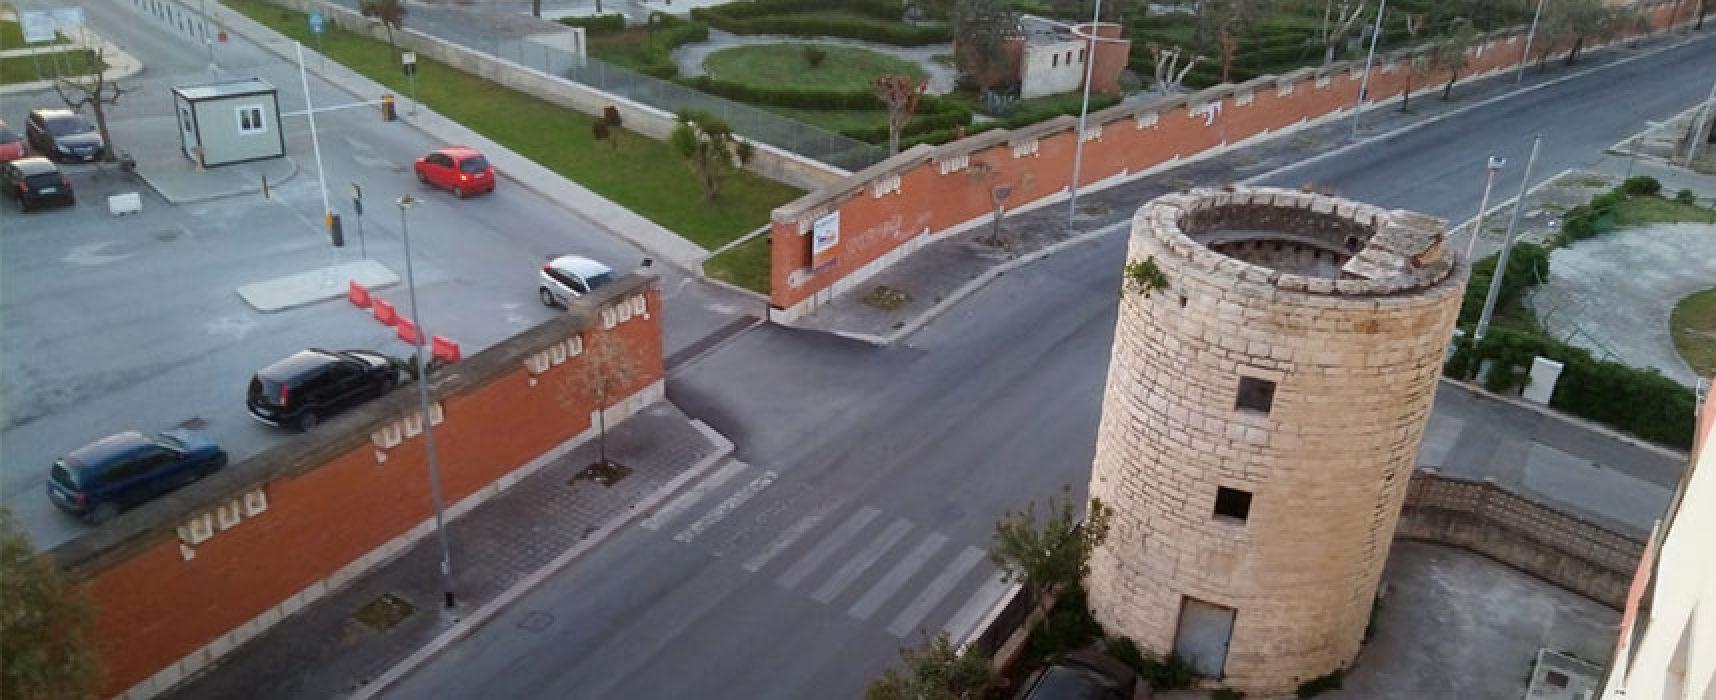 Trasporto pubblico, partita nuova fermata ingresso Don Uva in zona Salnitro